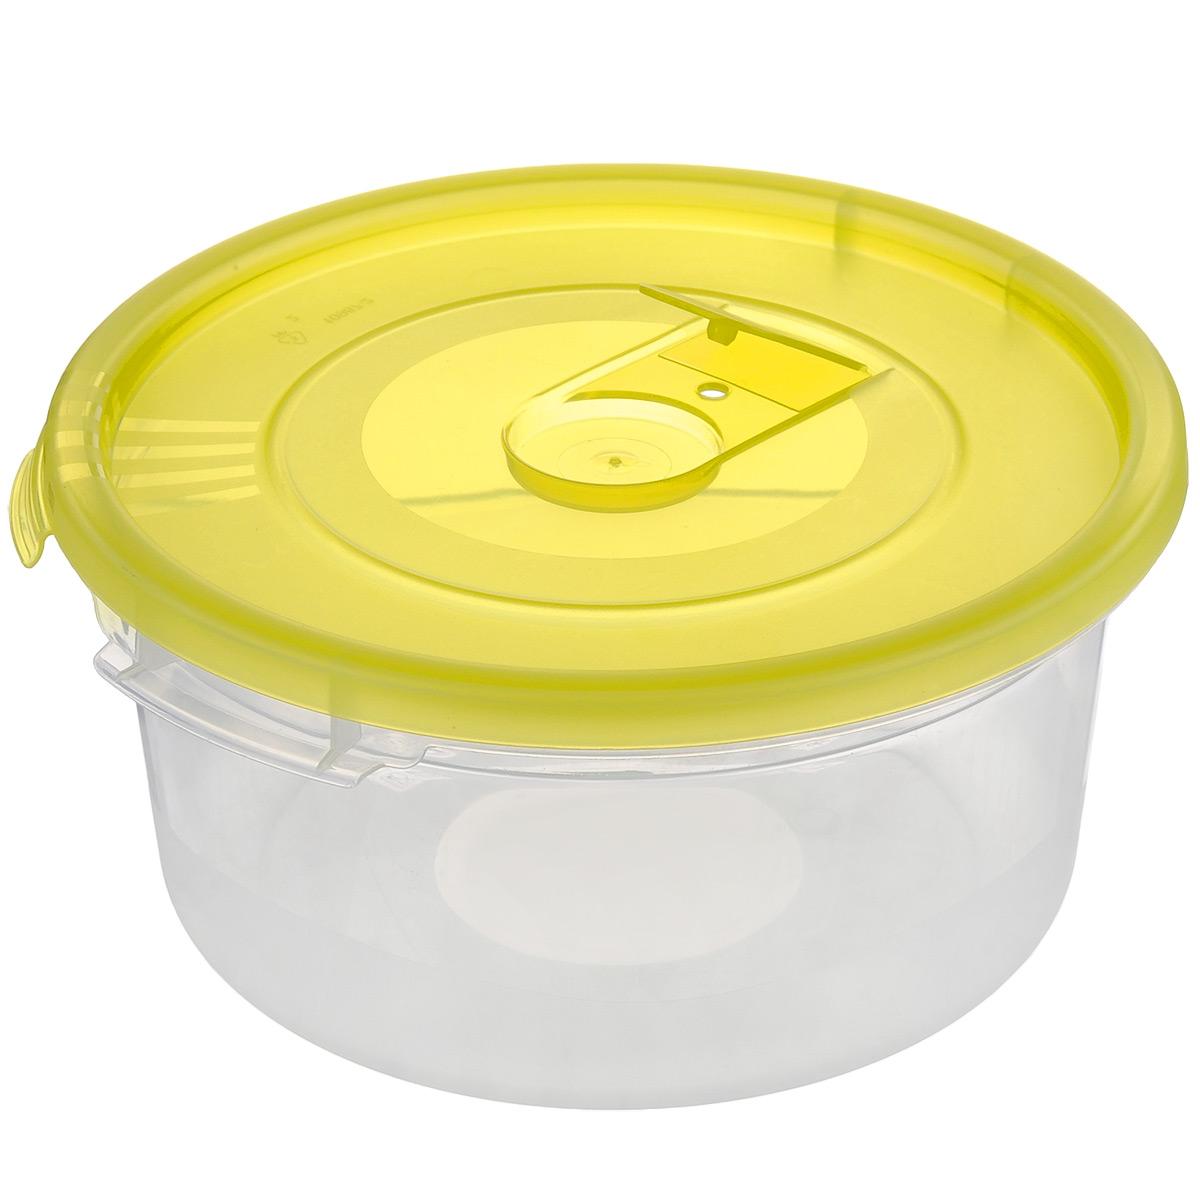 Контейнер Полимербыт Смайл, цвет: прозрачный, желтый, 800 млС521 желтыйКонтейнер Полимербыт Смайл круглой формы, изготовленный из прочного пластика, предназначен специально для хранения пищевых продуктов. Контейнер оснащен герметичной крышкой со специальным клапаном, благодаря которому внутри создается вакуум, и продукты дольше сохраняют свежесть и аромат. Крышка легко открывается и плотно закрывается. Стенки контейнера прозрачные - хорошо видно, что внутри. Контейнер устойчив к воздействию масел и жиров, легко моется. Контейнер имеет возможность хранения продуктов глубокой заморозки, обладает высокой прочностью. Можно мыть в посудомоечной машине. Подходит для использования в микроволновых печах. Диаметр: 15 см. Высота (без крышки): 7 см.